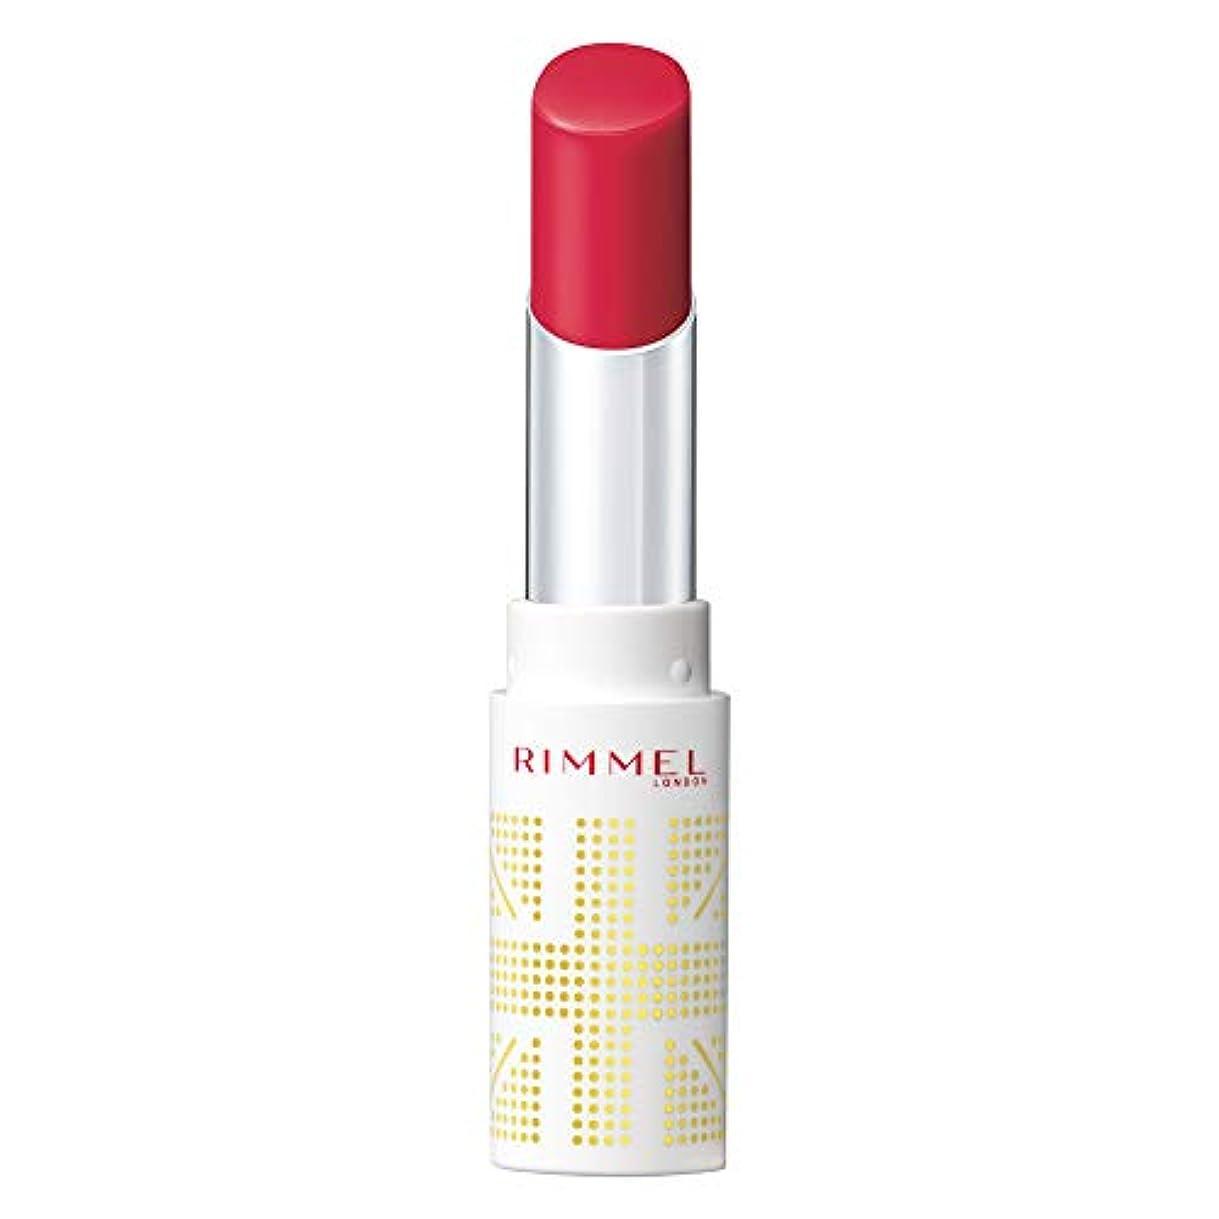 オセアニア抵当打撃Rimmel (リンメル) リンメル ラスティングフィニッシュ オイルティントリップ 001 ベリーピンク 3.8g 口紅